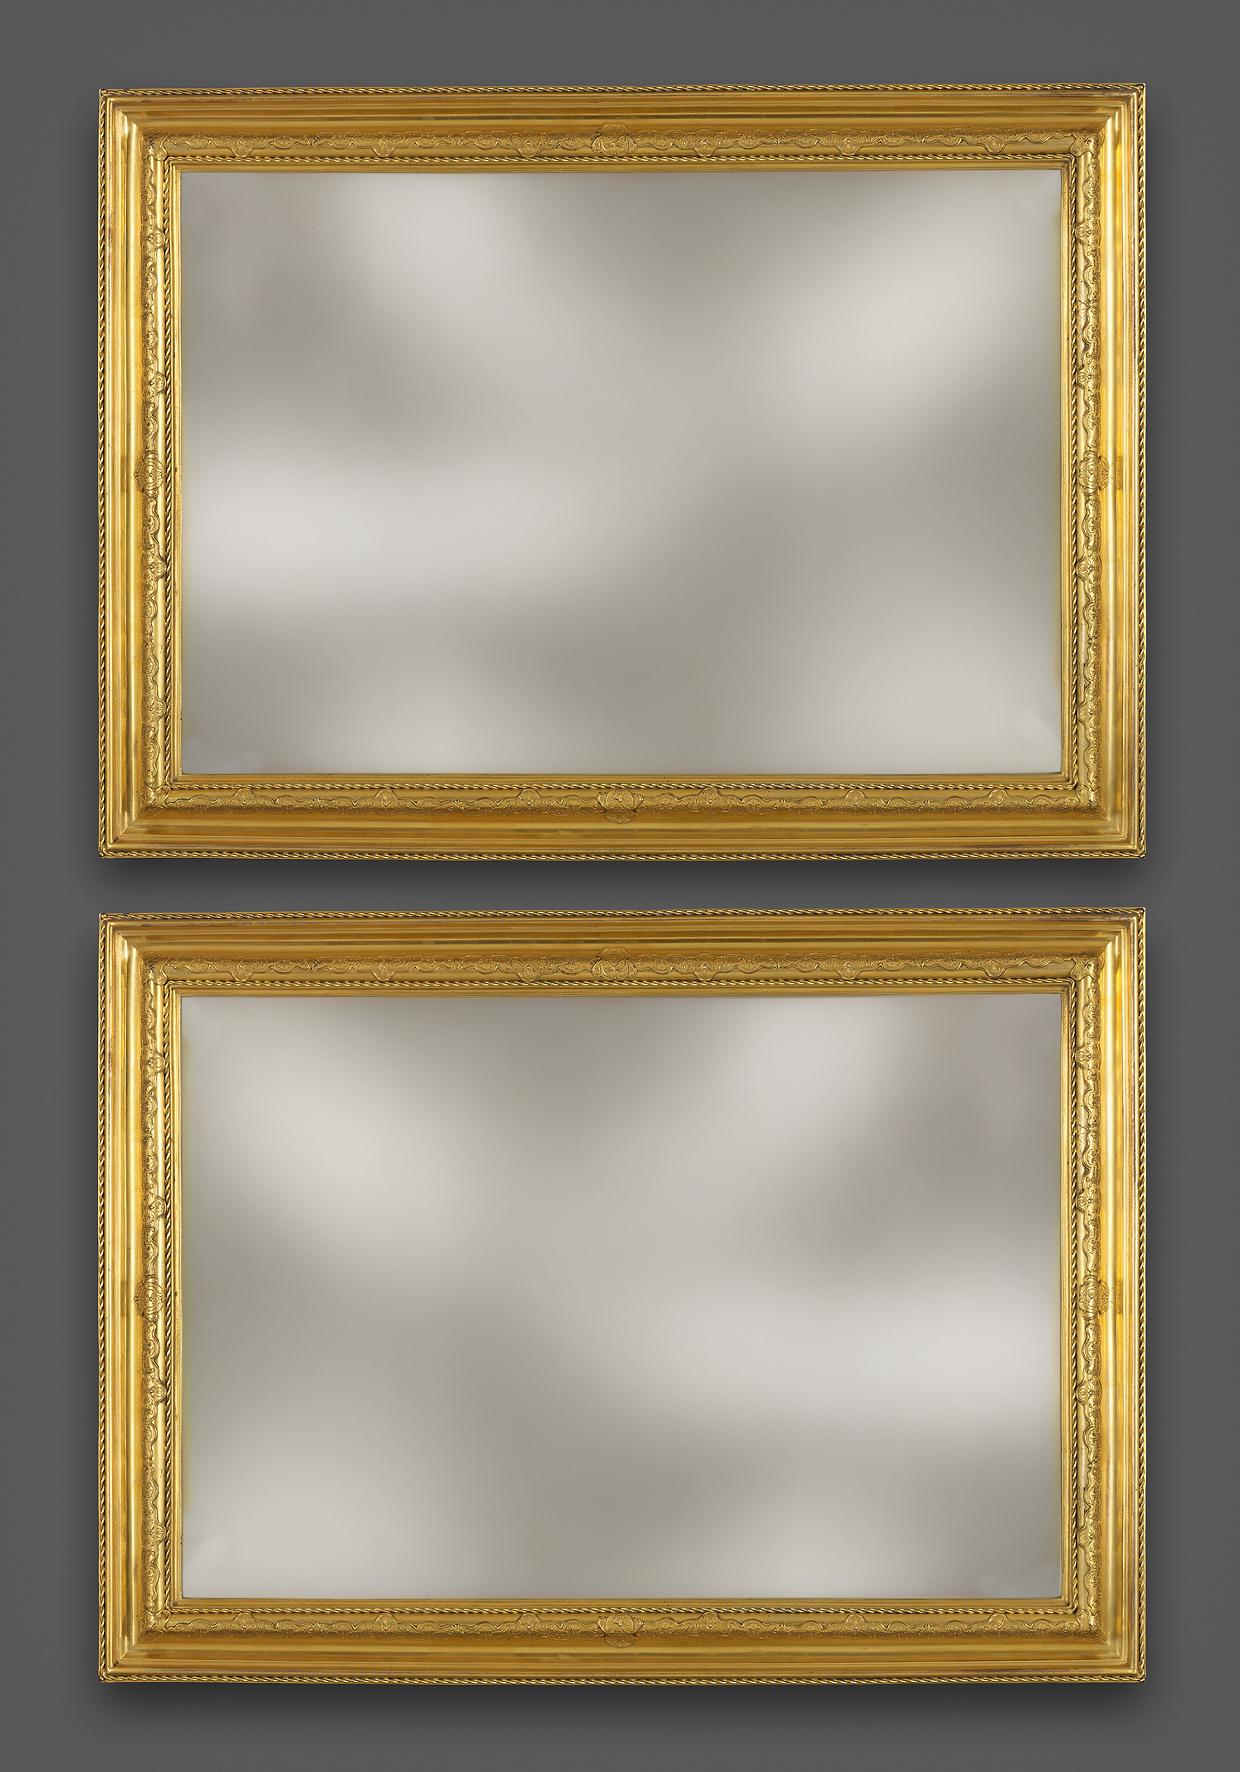 Ein Paar seltene Rahmen aus der französischen Régence-Periode ...